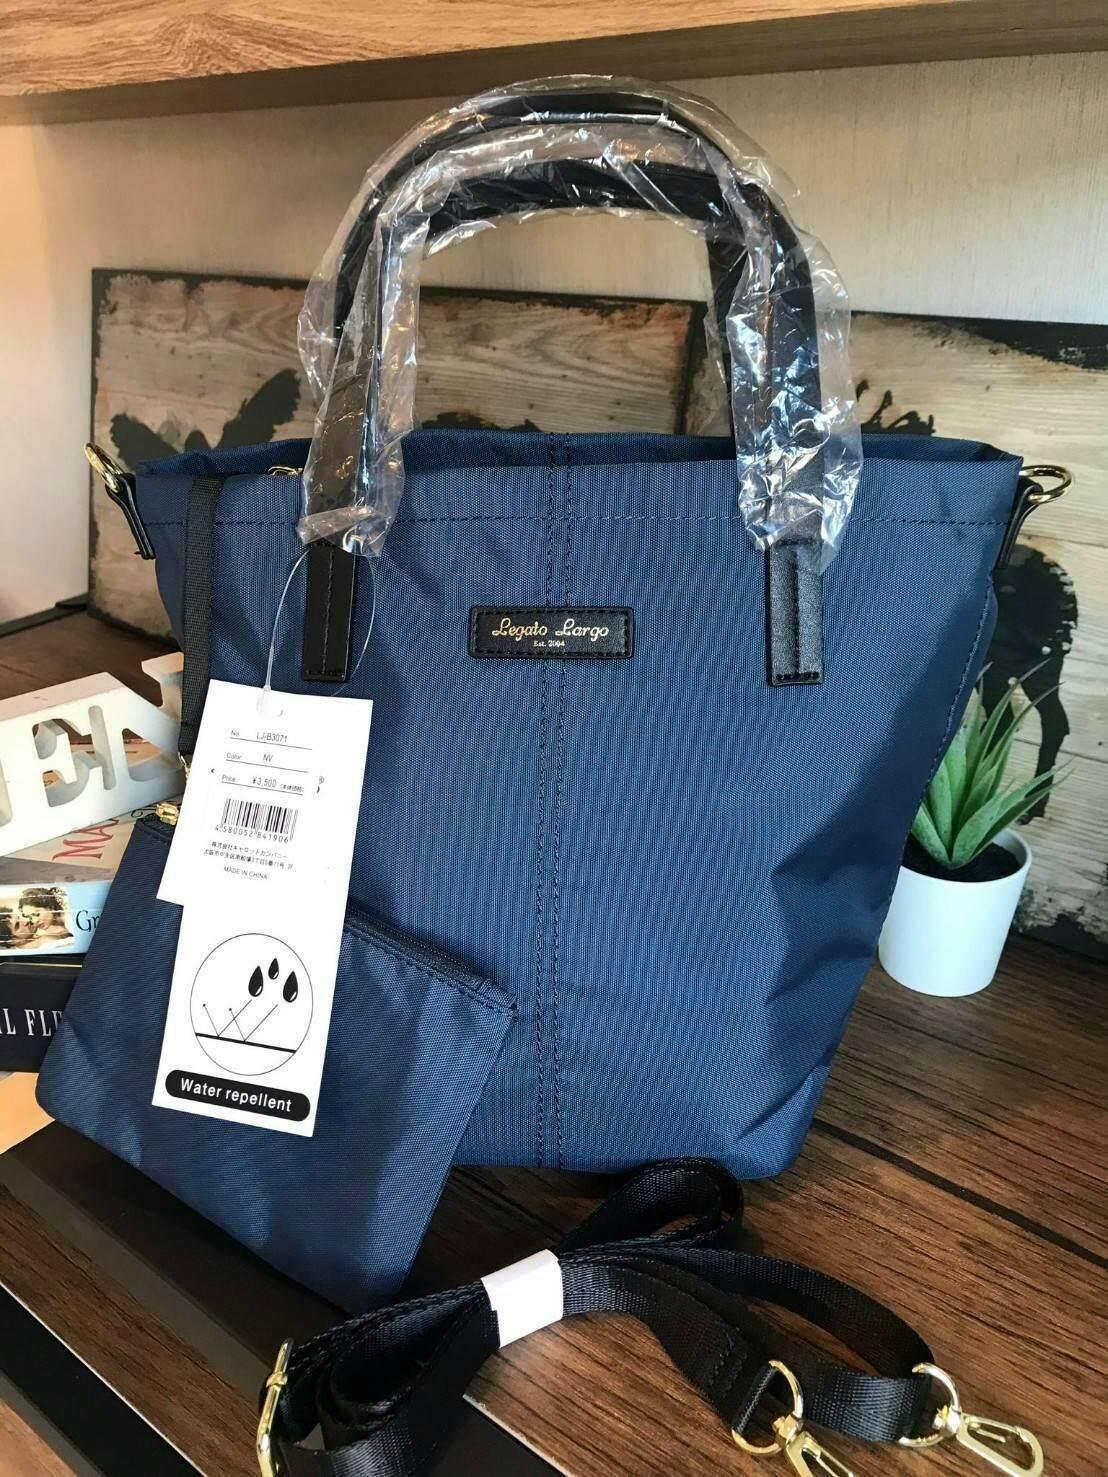 สินเชื่อบุคคลซิตี้  นนทบุรี Anello & Legato Largo Mini Tote Shoulder Bag